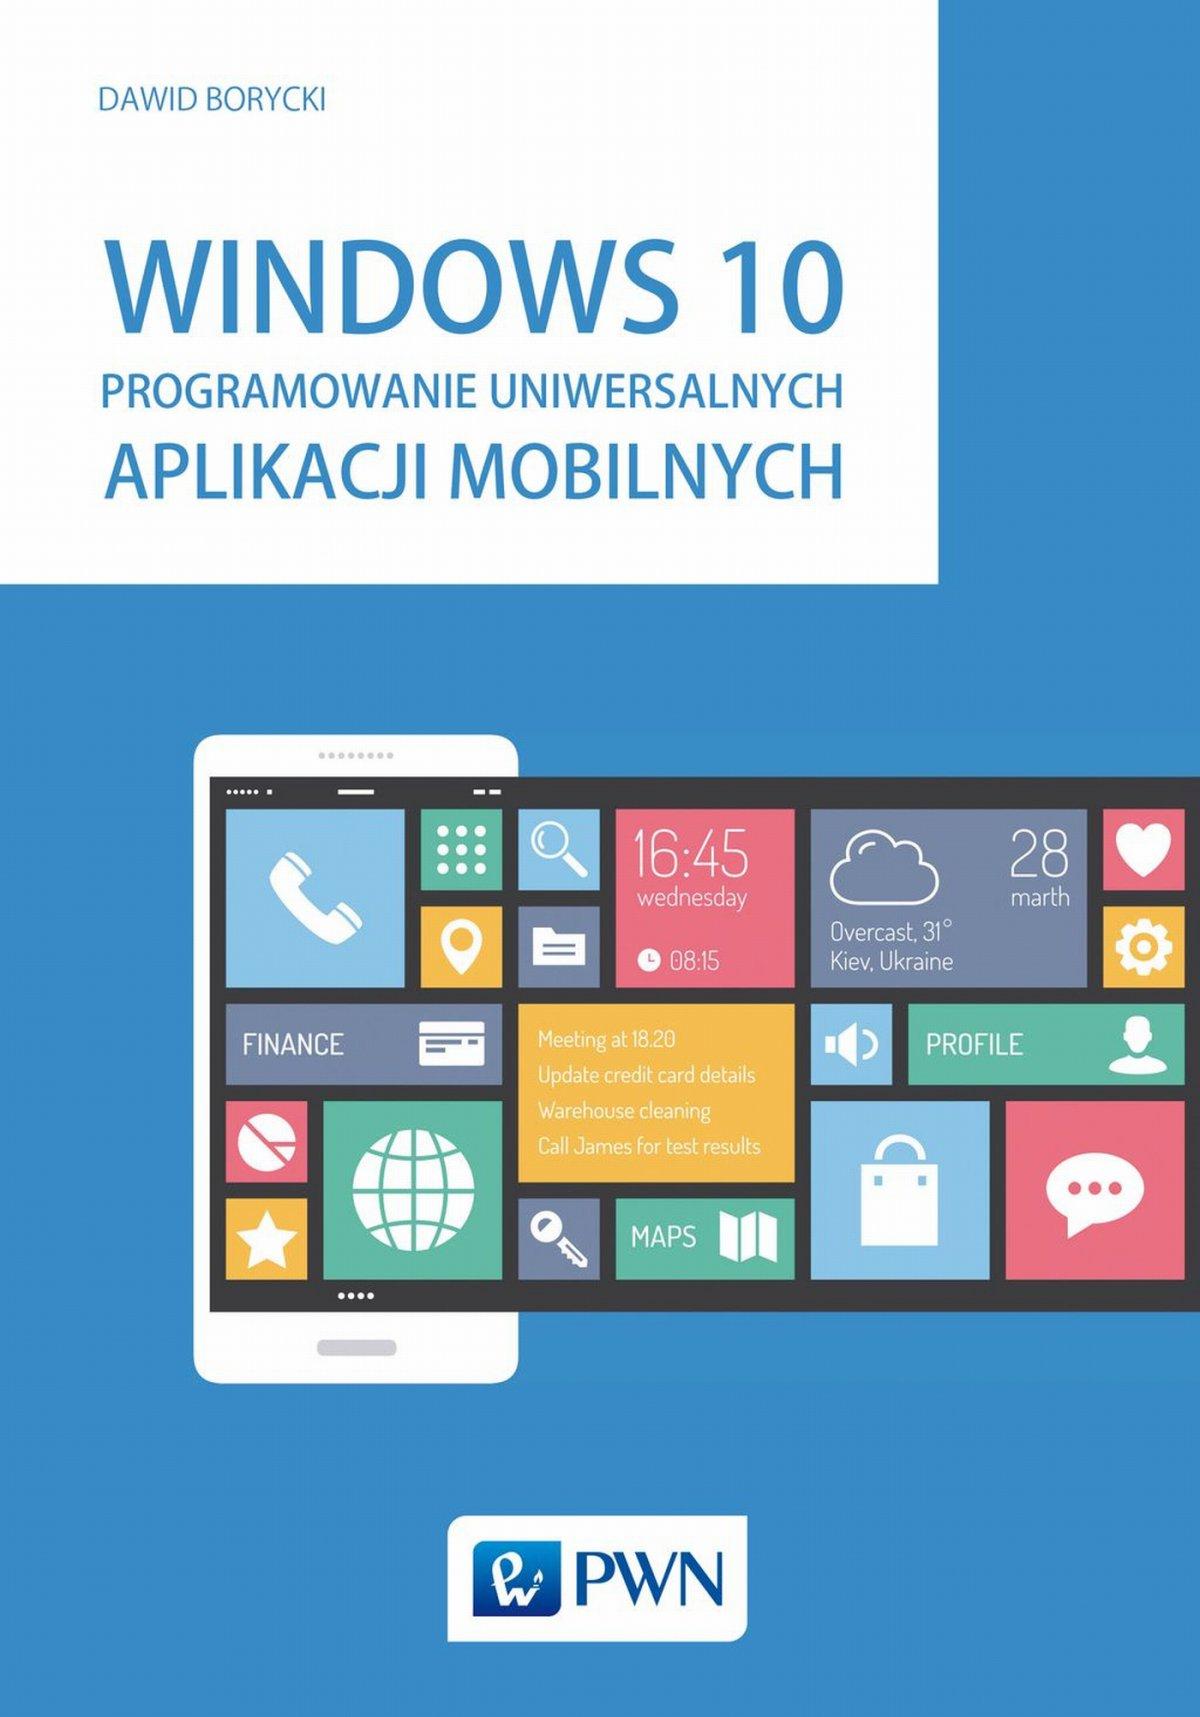 Windows 10. Programowanie uniwersalnych aplikacji mobilnych - Ebook (Książka EPUB) do pobrania w formacie EPUB